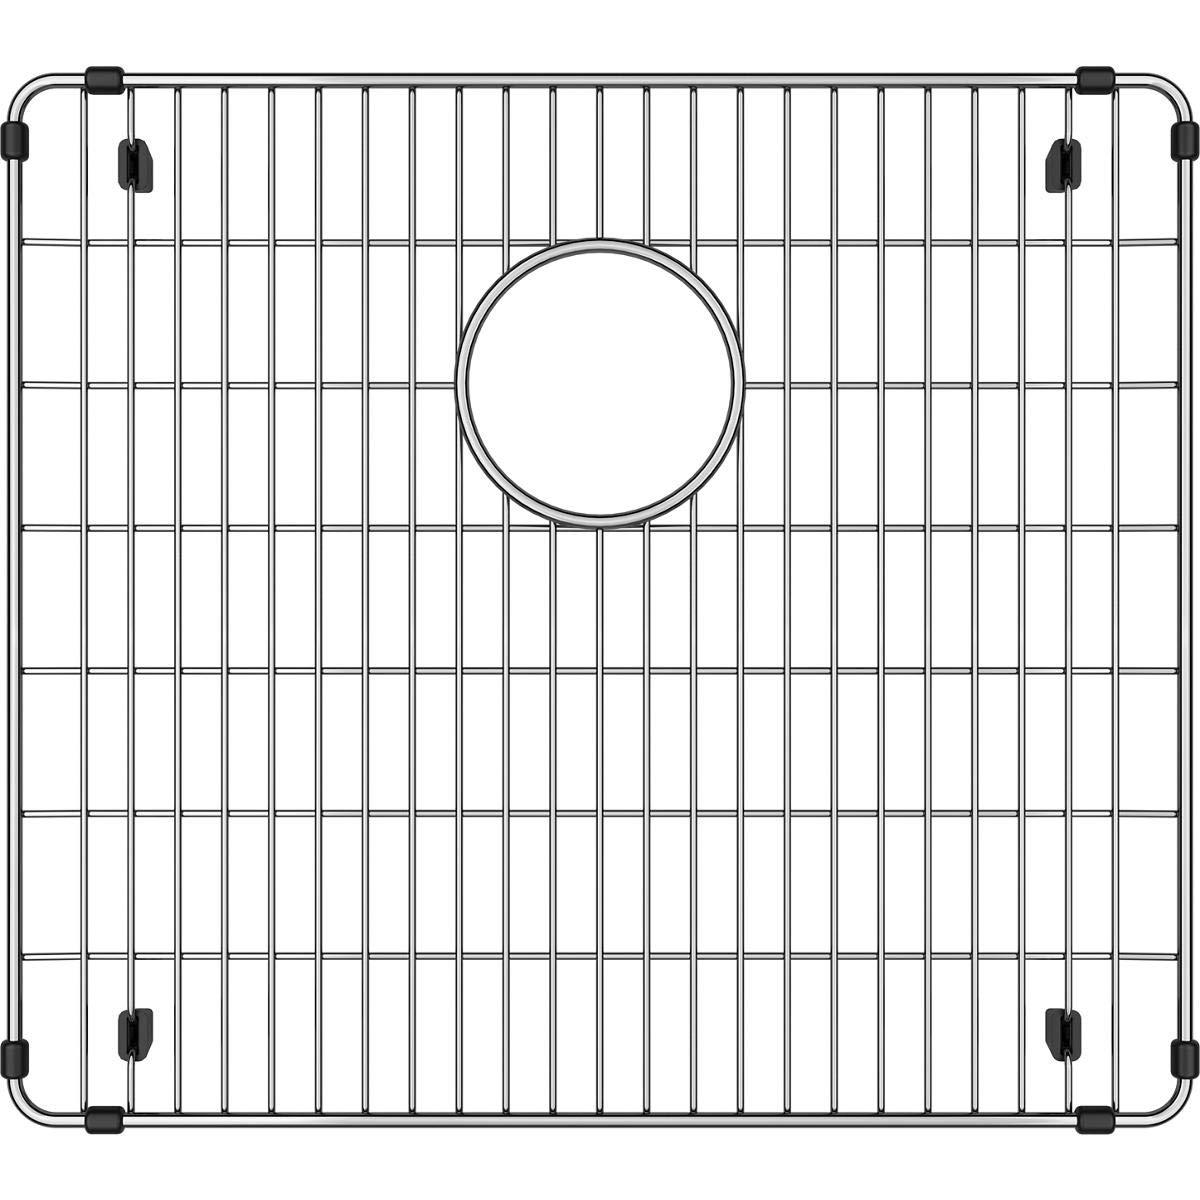 Elkay CTXFBG1816 Crosstown Stainless Steel Bottom Grid